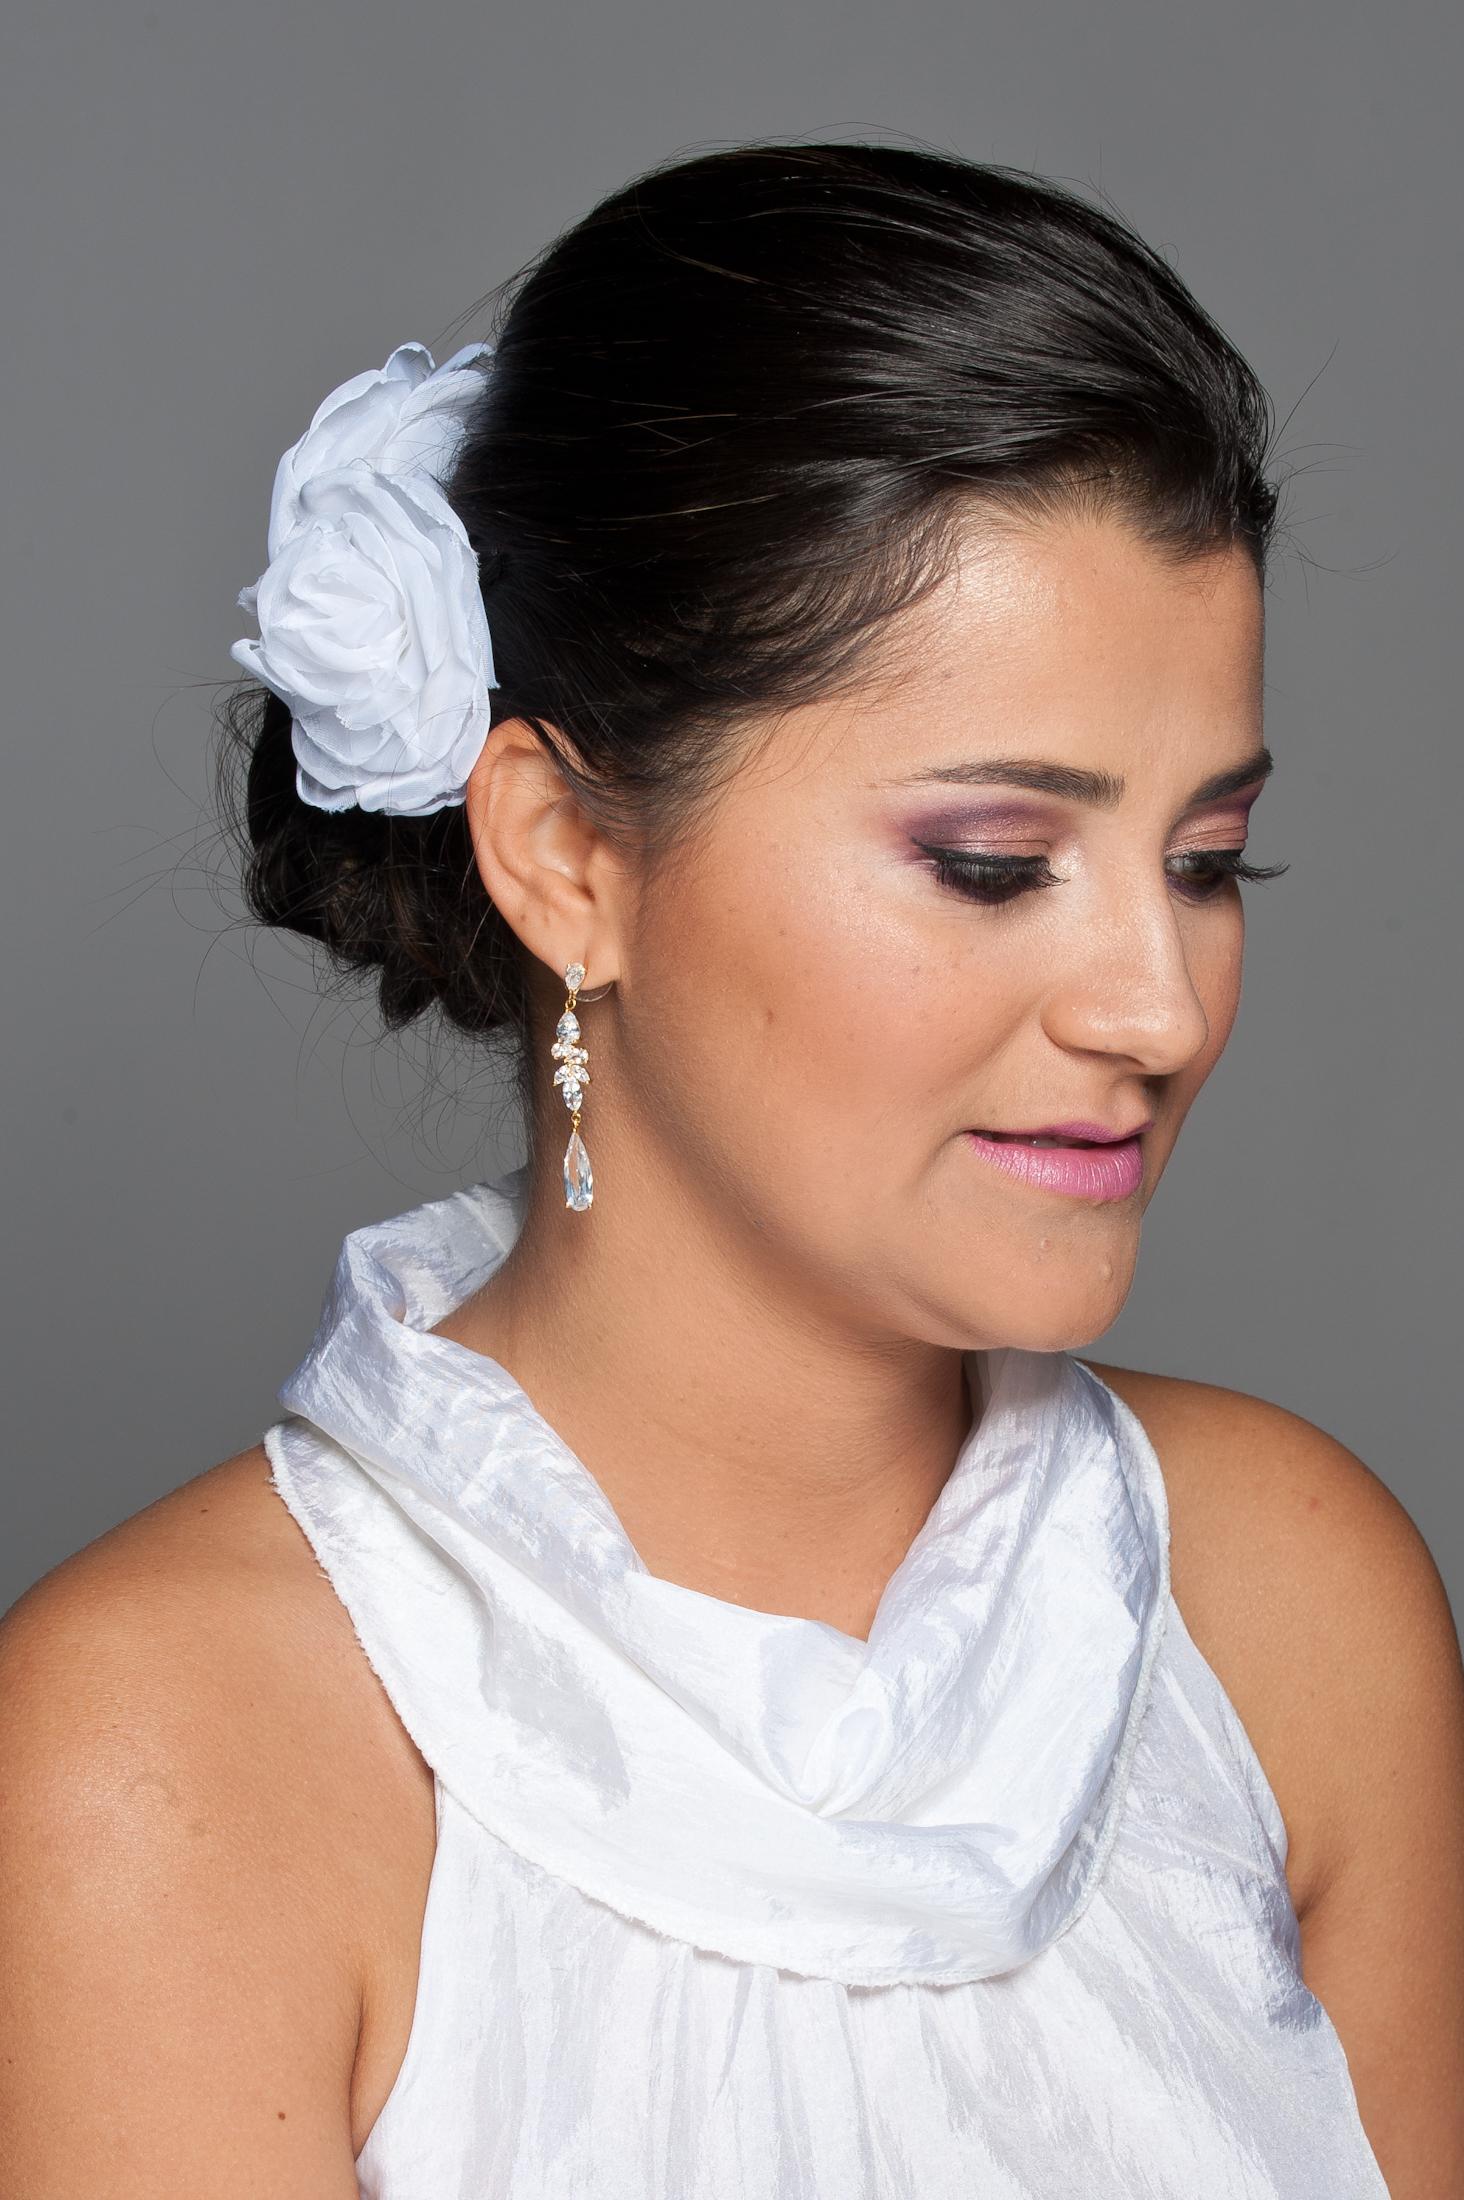 Noiva Realizado penteado e maquiagem. Proposta: Noiva Romântica cabelo maquiador(a)